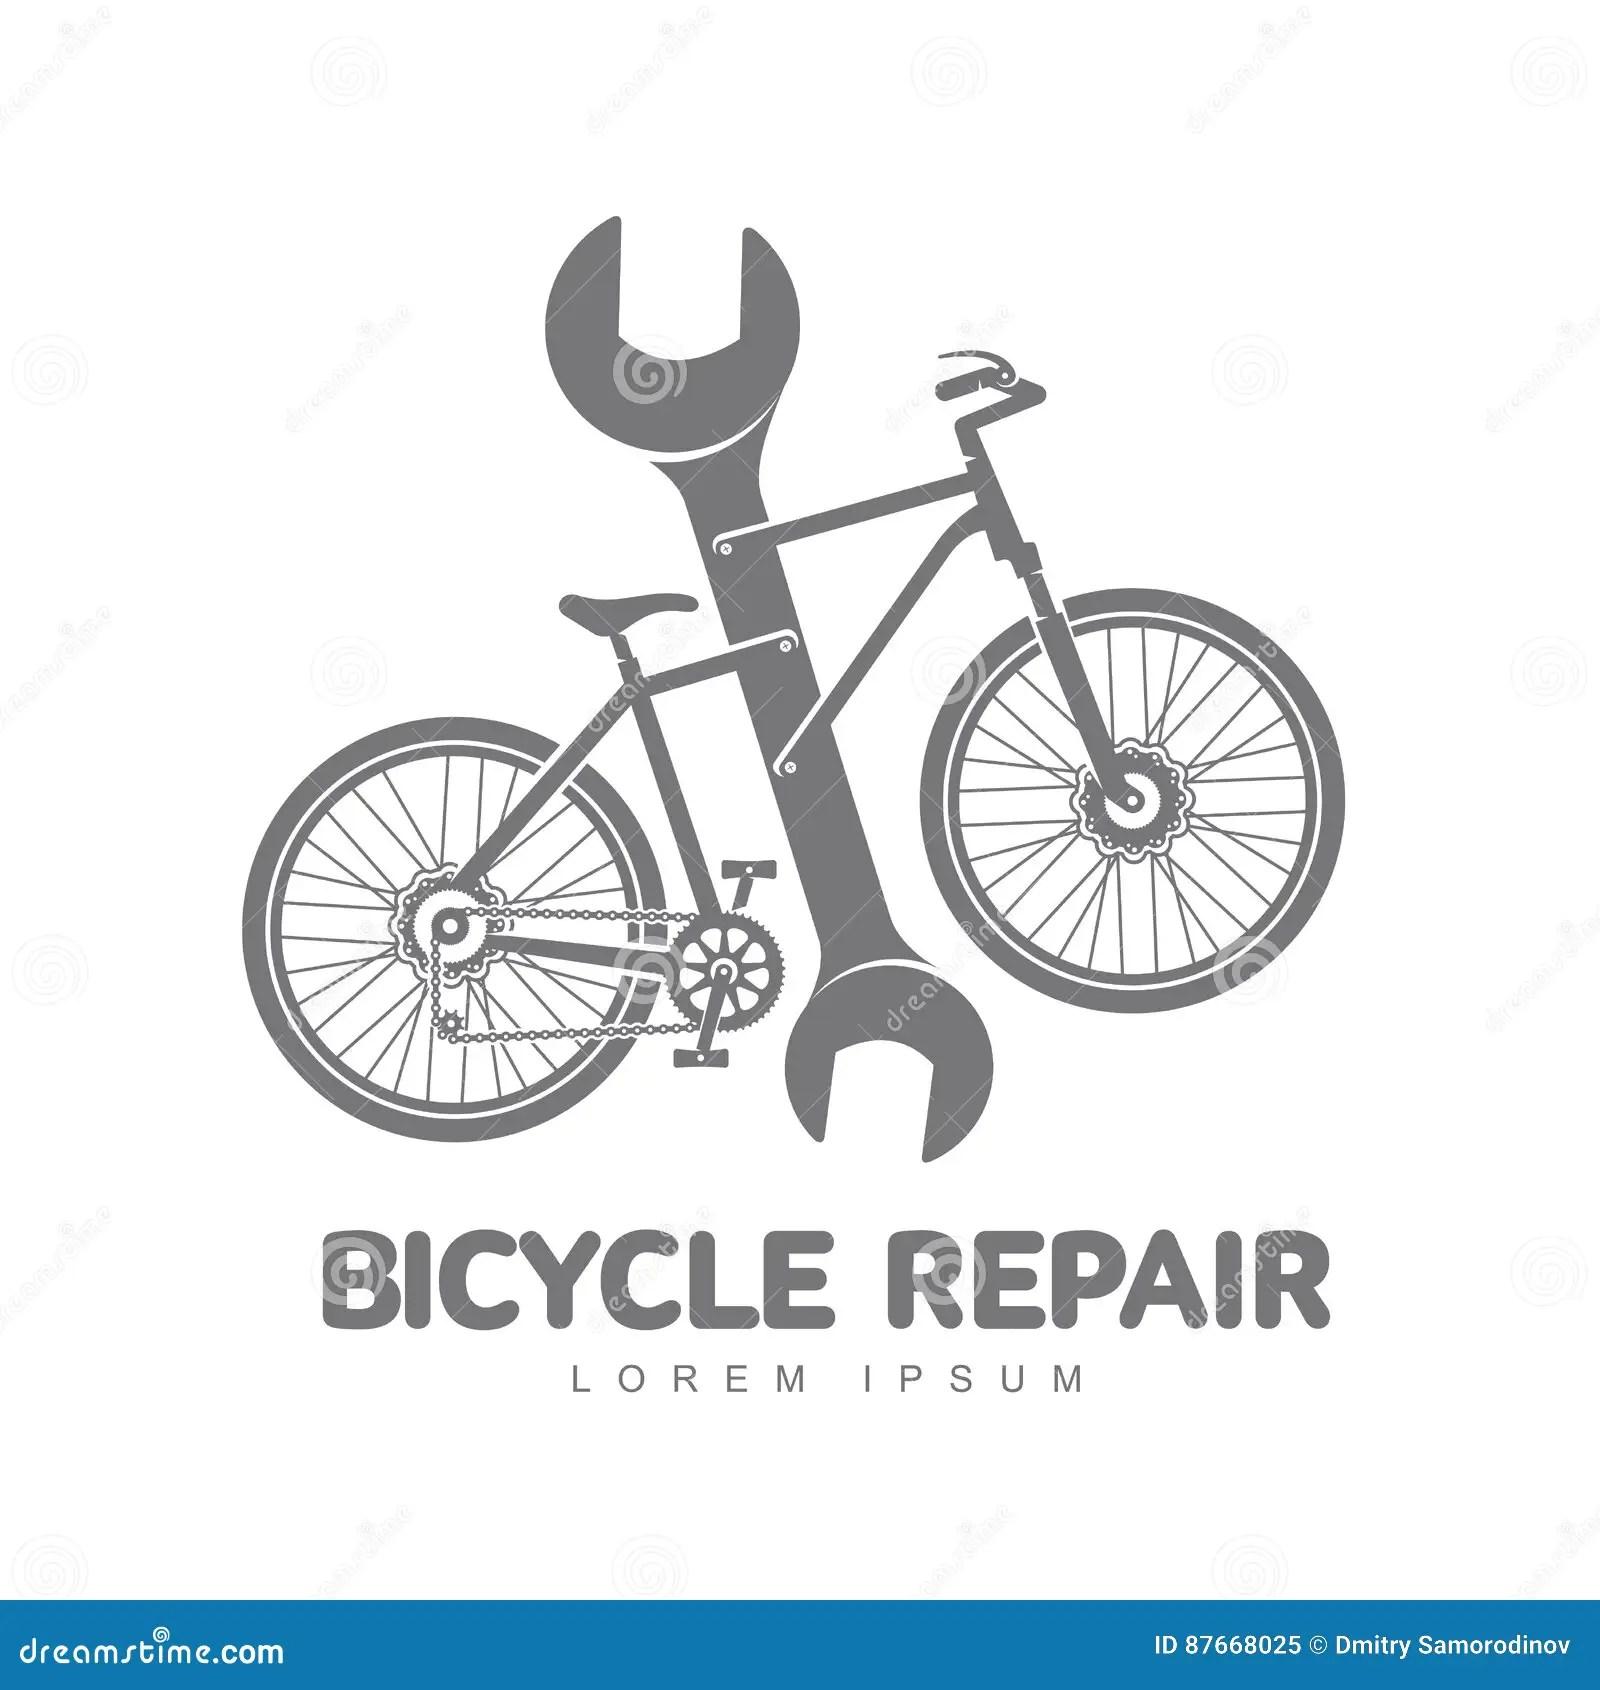 Bicycle Repair Workshop Logo Template Stock Illustration